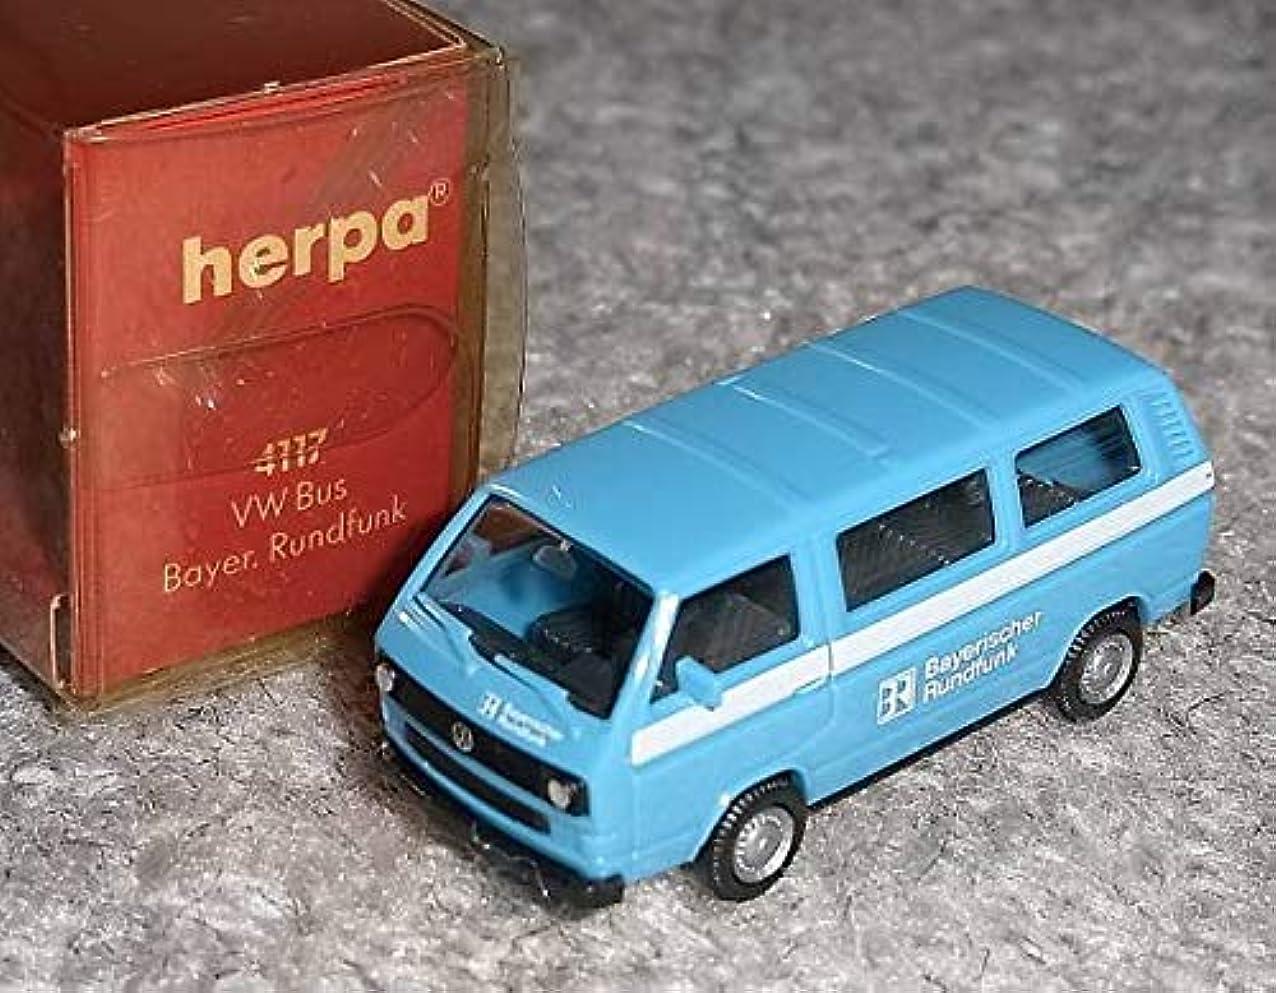 ナットベギン干渉する1/87 VW BUS Bayer Rudfunk バス 青白 ミニカー